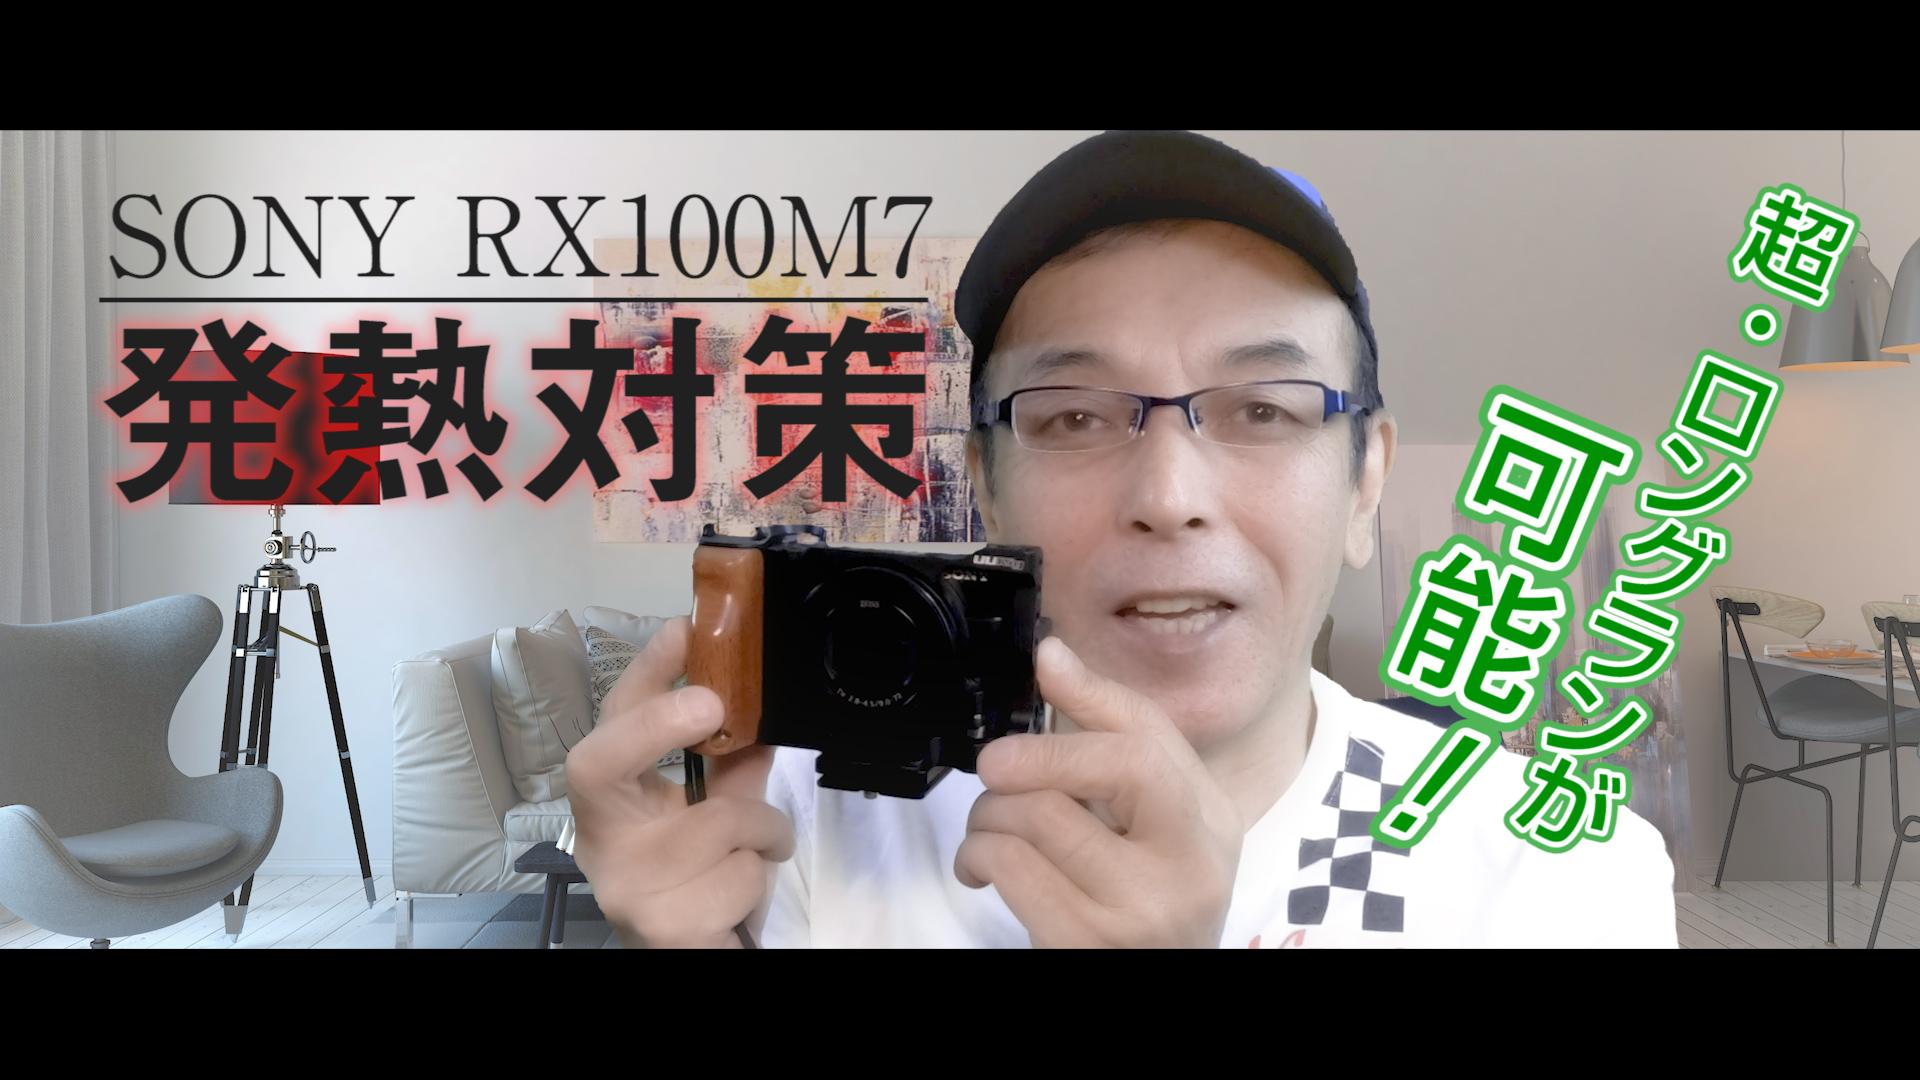 DIYで簡単!こんな発熱対策をしておけばSONY RX100M7でも超々ロングラン撮影が可能に!